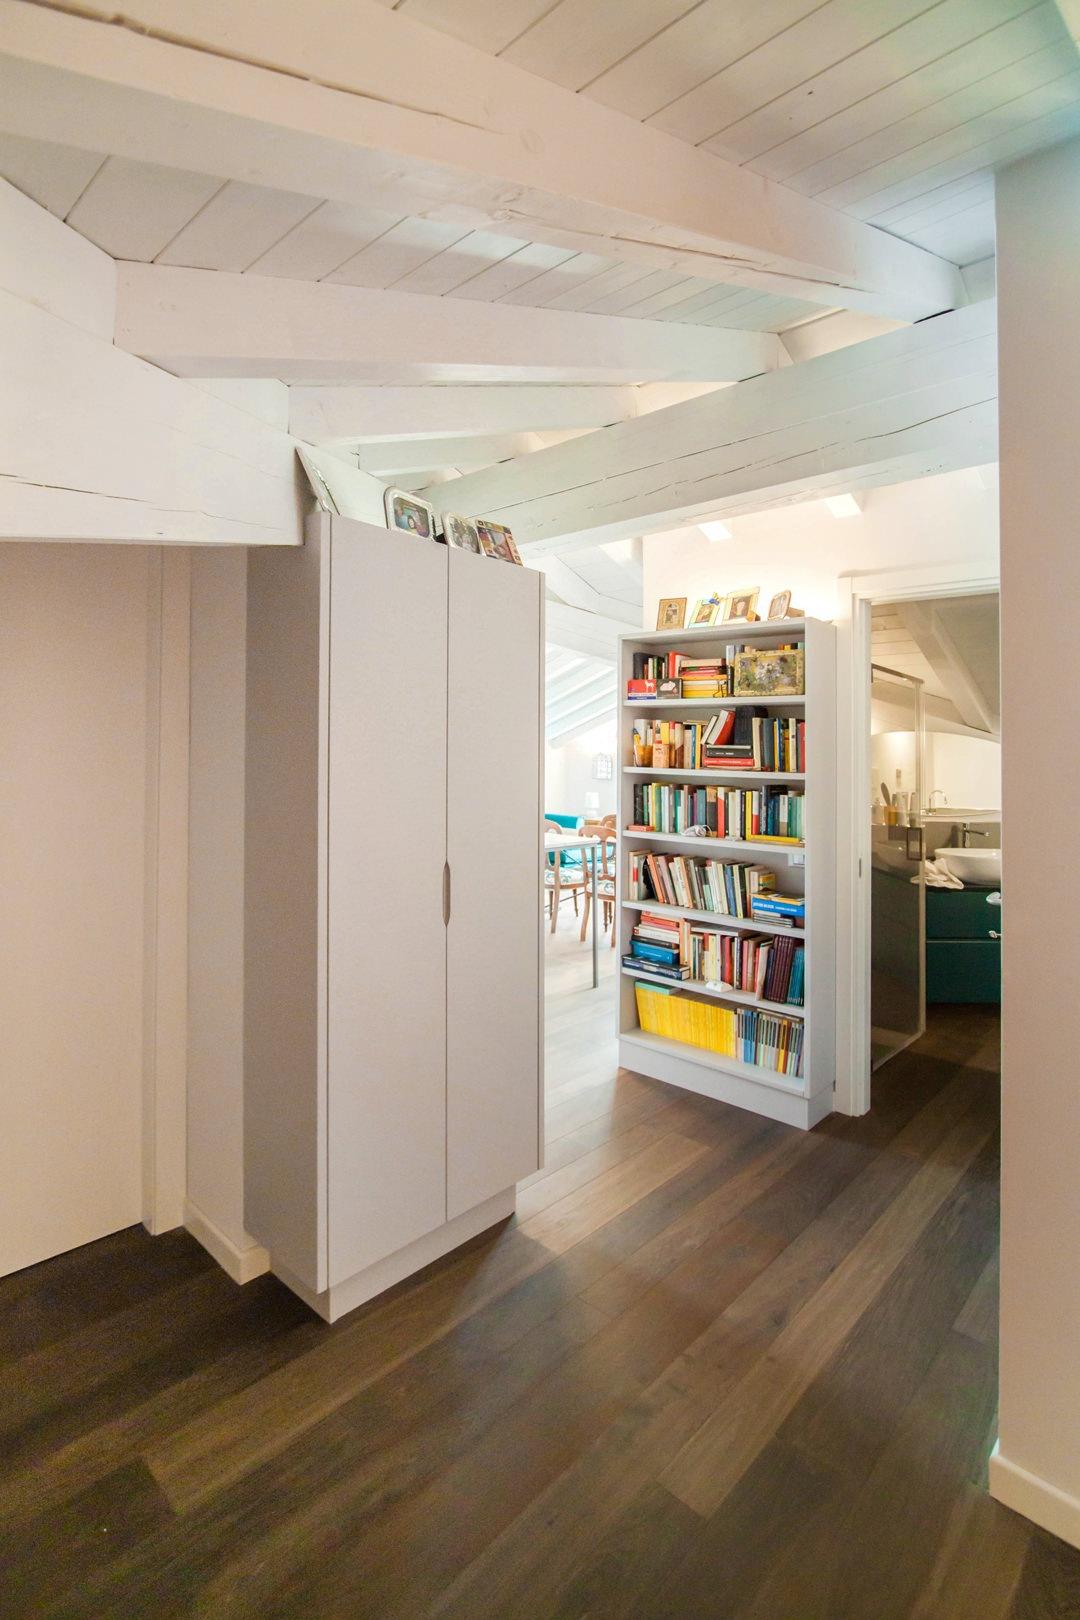 dettaglio-corridoio-ingresso-libreria-mobile-contenitore